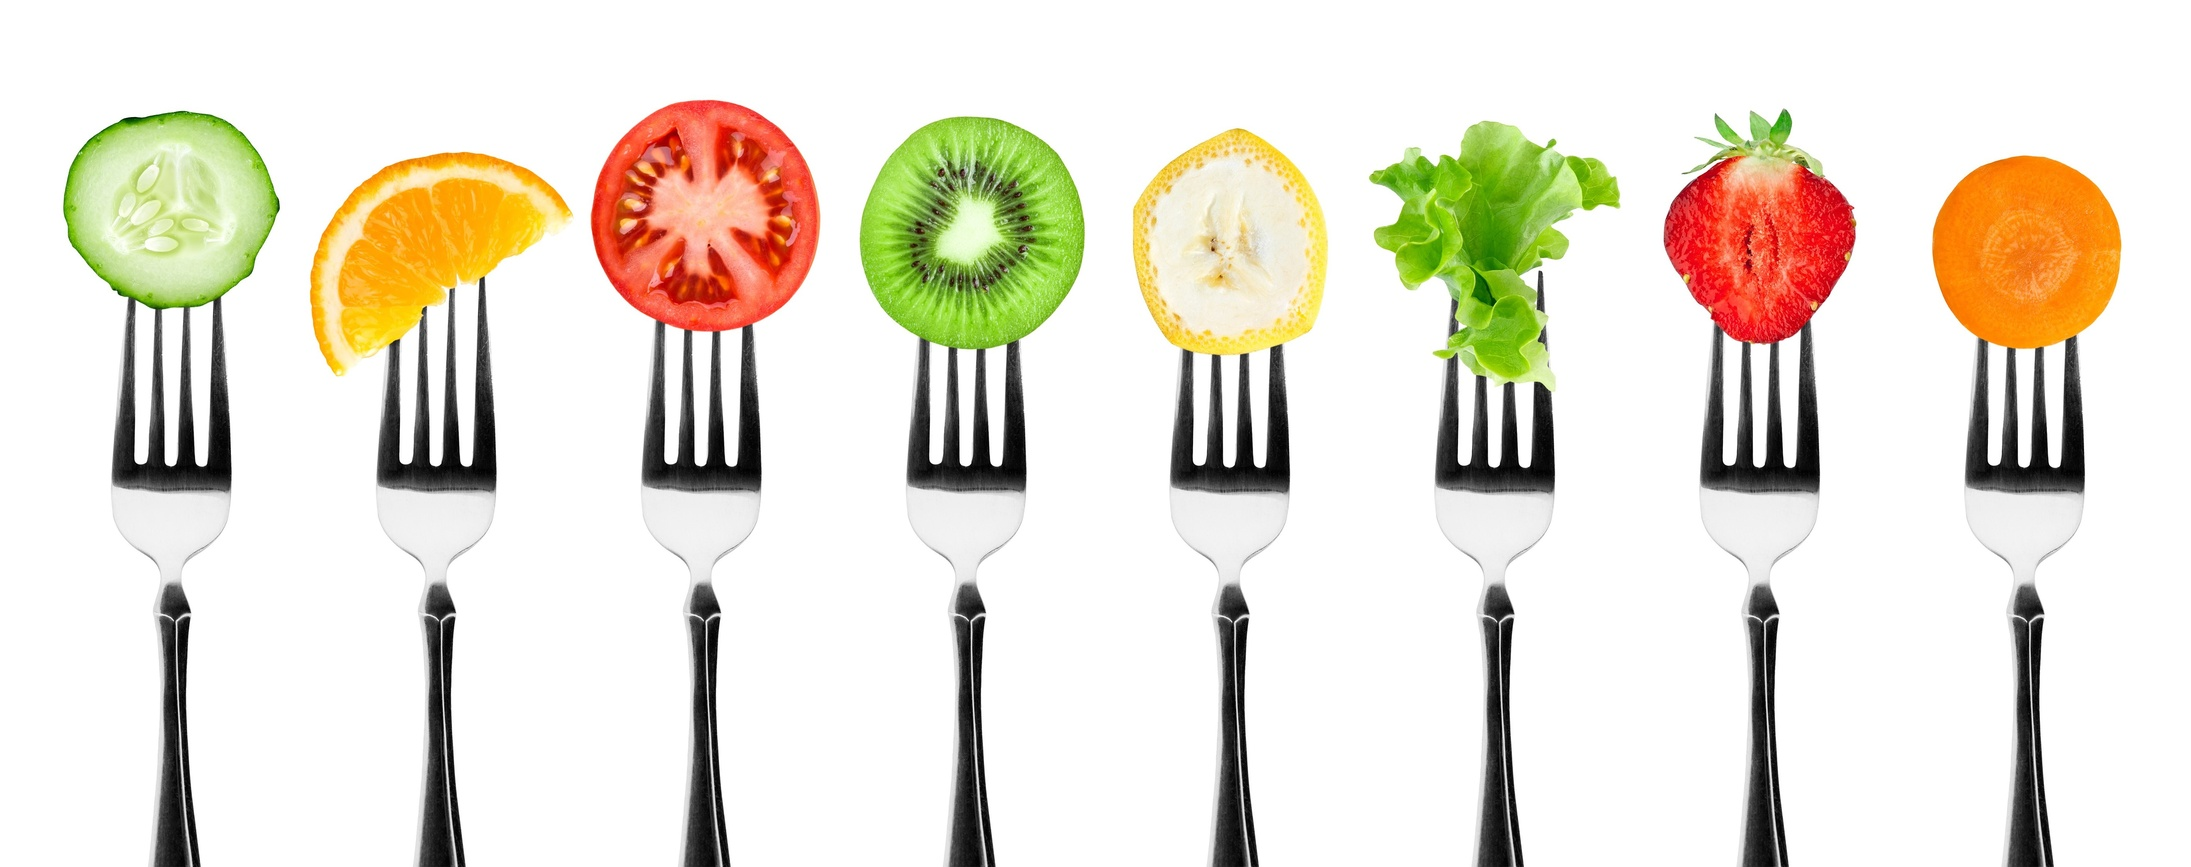 food-on-forks-fotolia.jpg